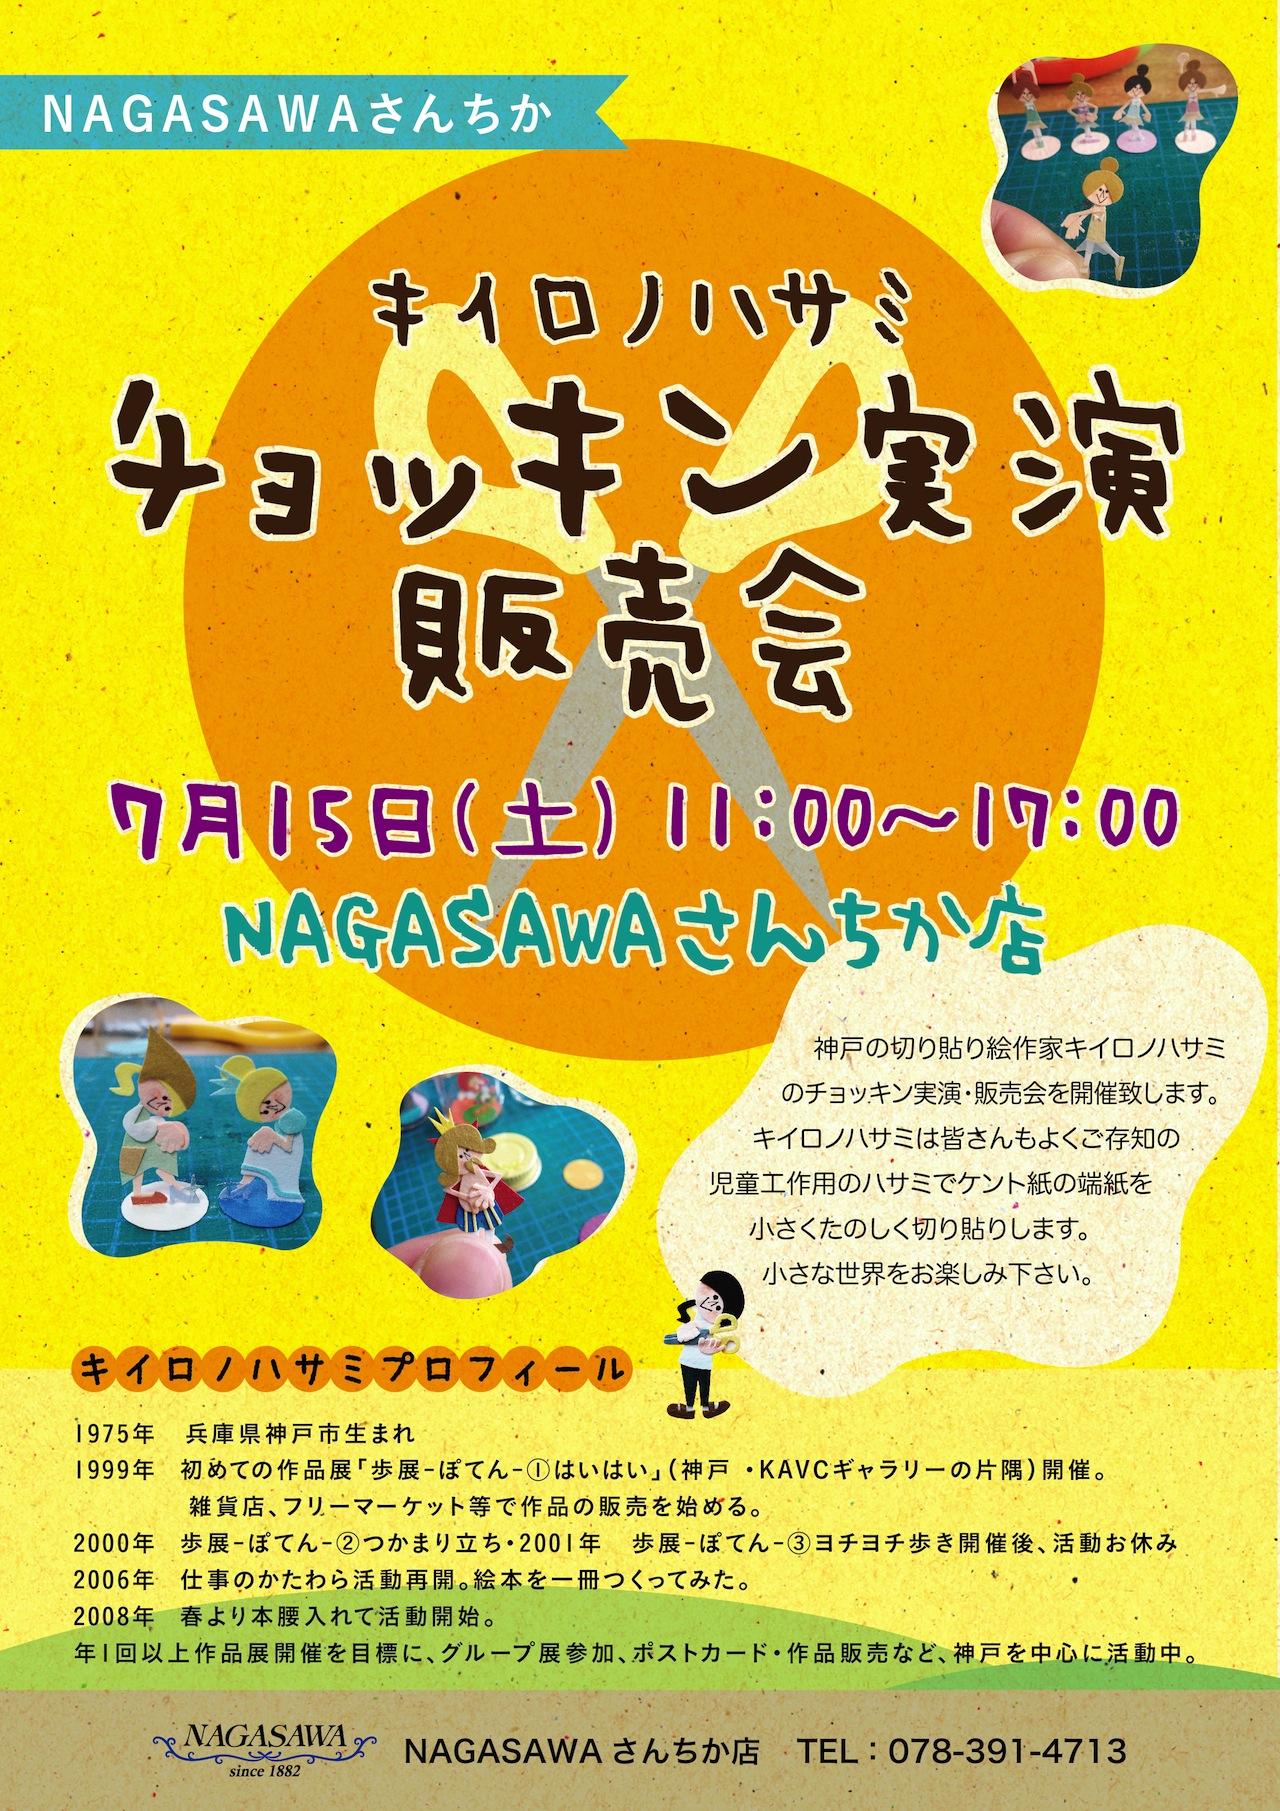 キイロノハサミ チョッキン実演販売会 @NAGASAWAさんちか店